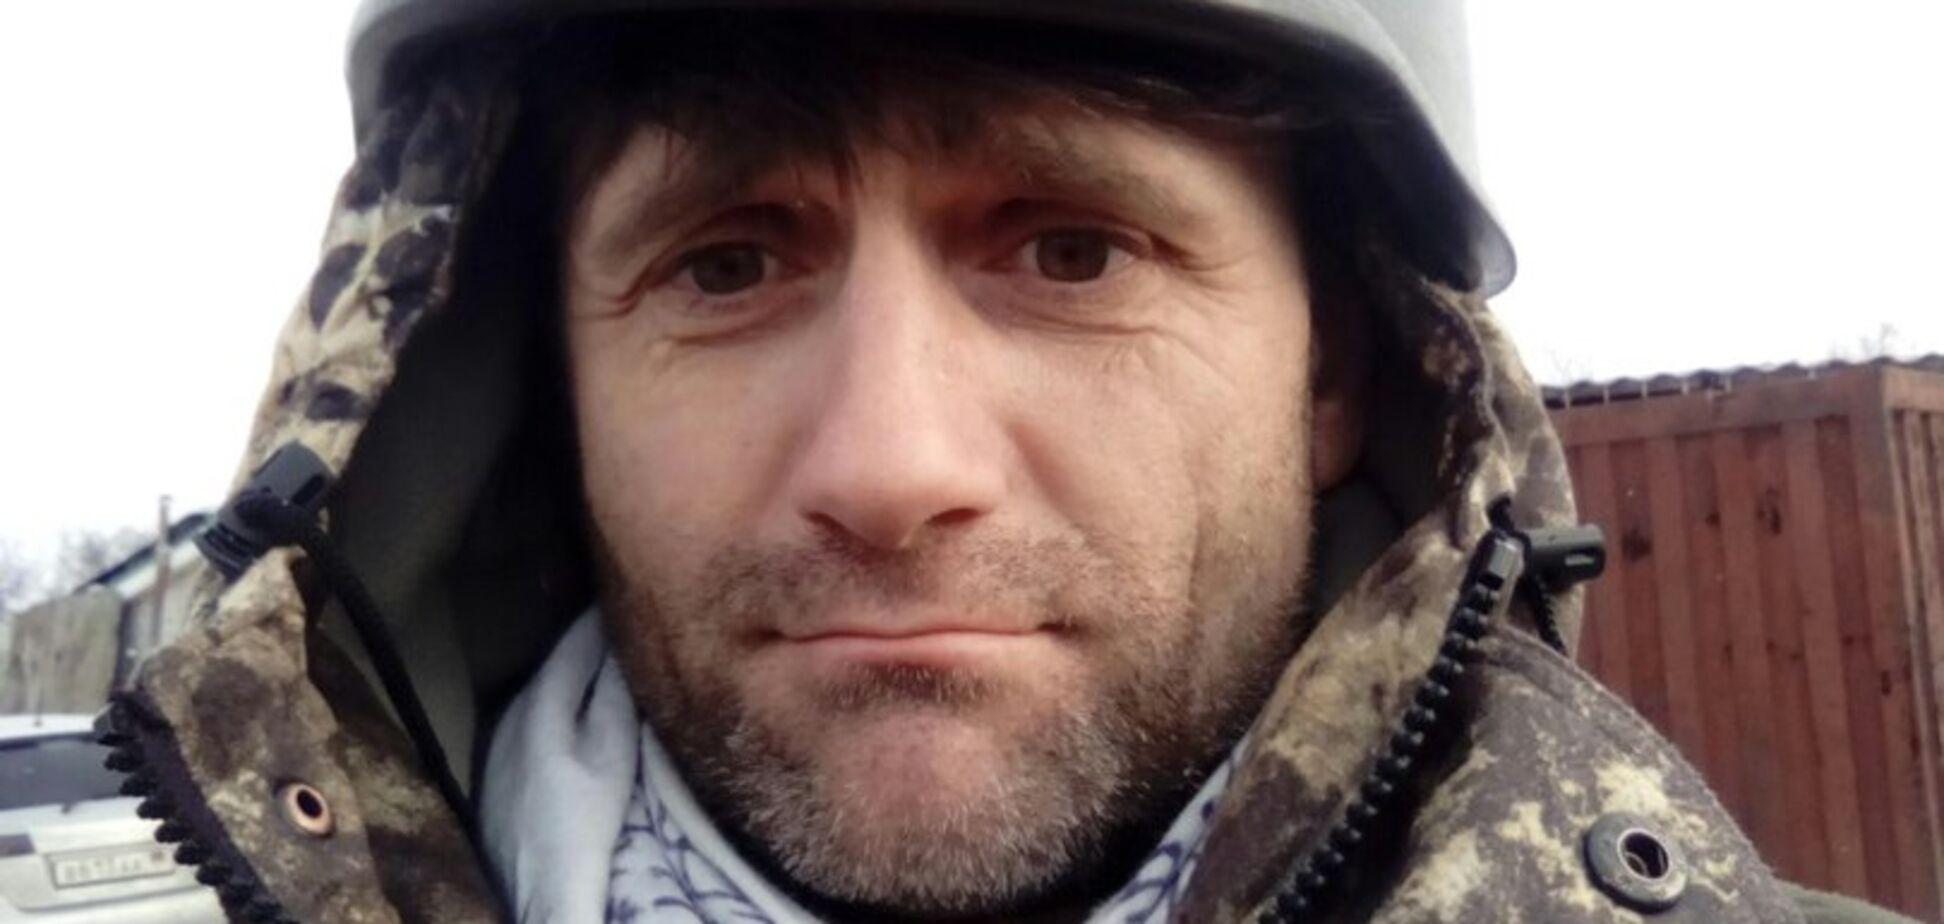 Весь в боргах: що відомо про сербського снайпера, який вбиває українців